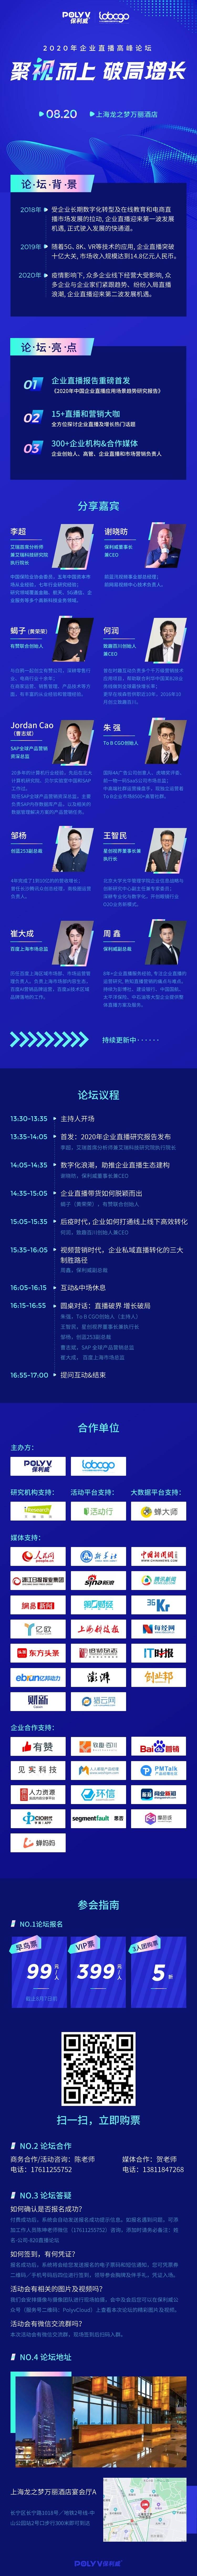 2020730高峰论坛长图.png